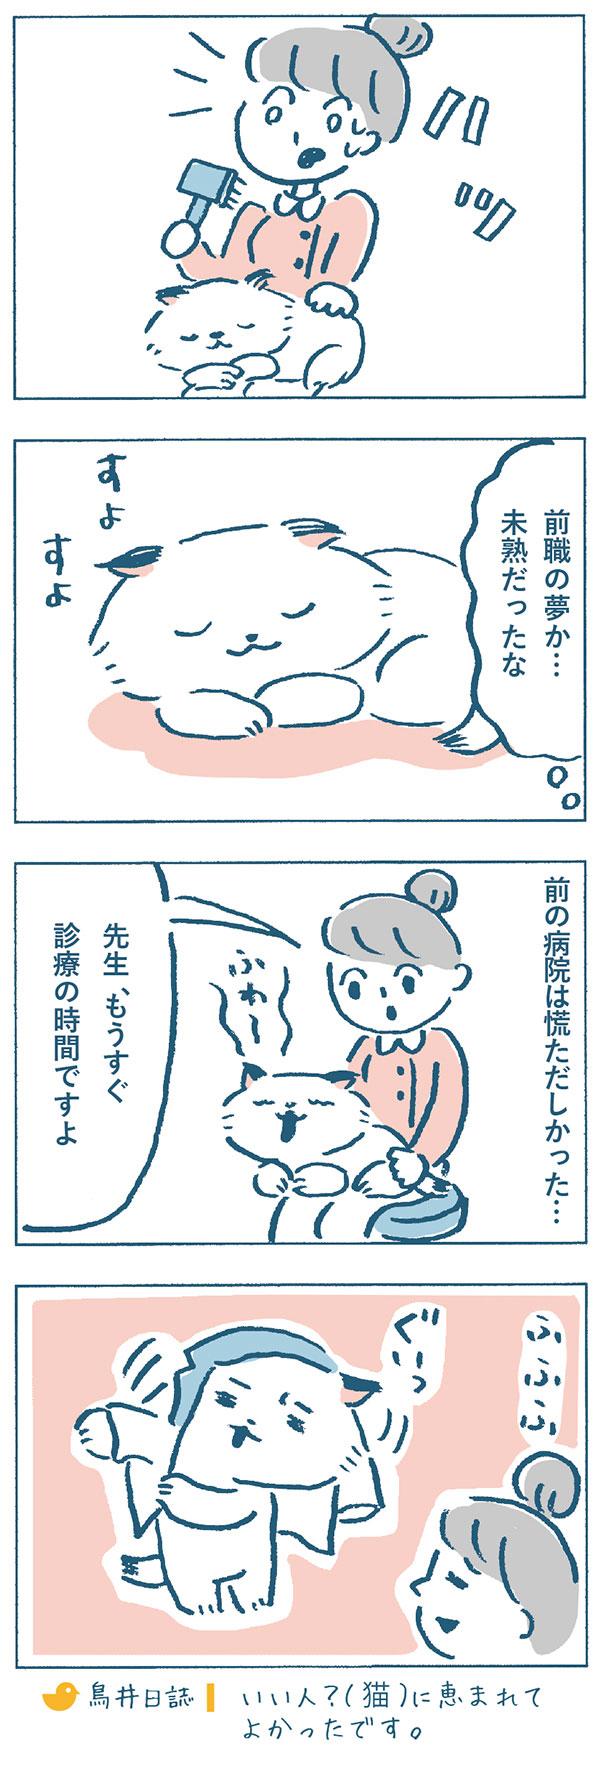 そこで「ハッ」と目が覚め、自分がねこやま先生のトリミング中に寝てしまったことに気がつきました。奈央子の膝の上ですよすよと寝ているねこやま先生を見ながら、『前職の夢か…未熟だったな。前の病院は慌ただしかった…。』と過去を思い出しました。寝ぼけながら白衣をきるねこやま先生を見ながら、いい人?(猫)に恵まれてよかったなと思う奈央子なのでした。